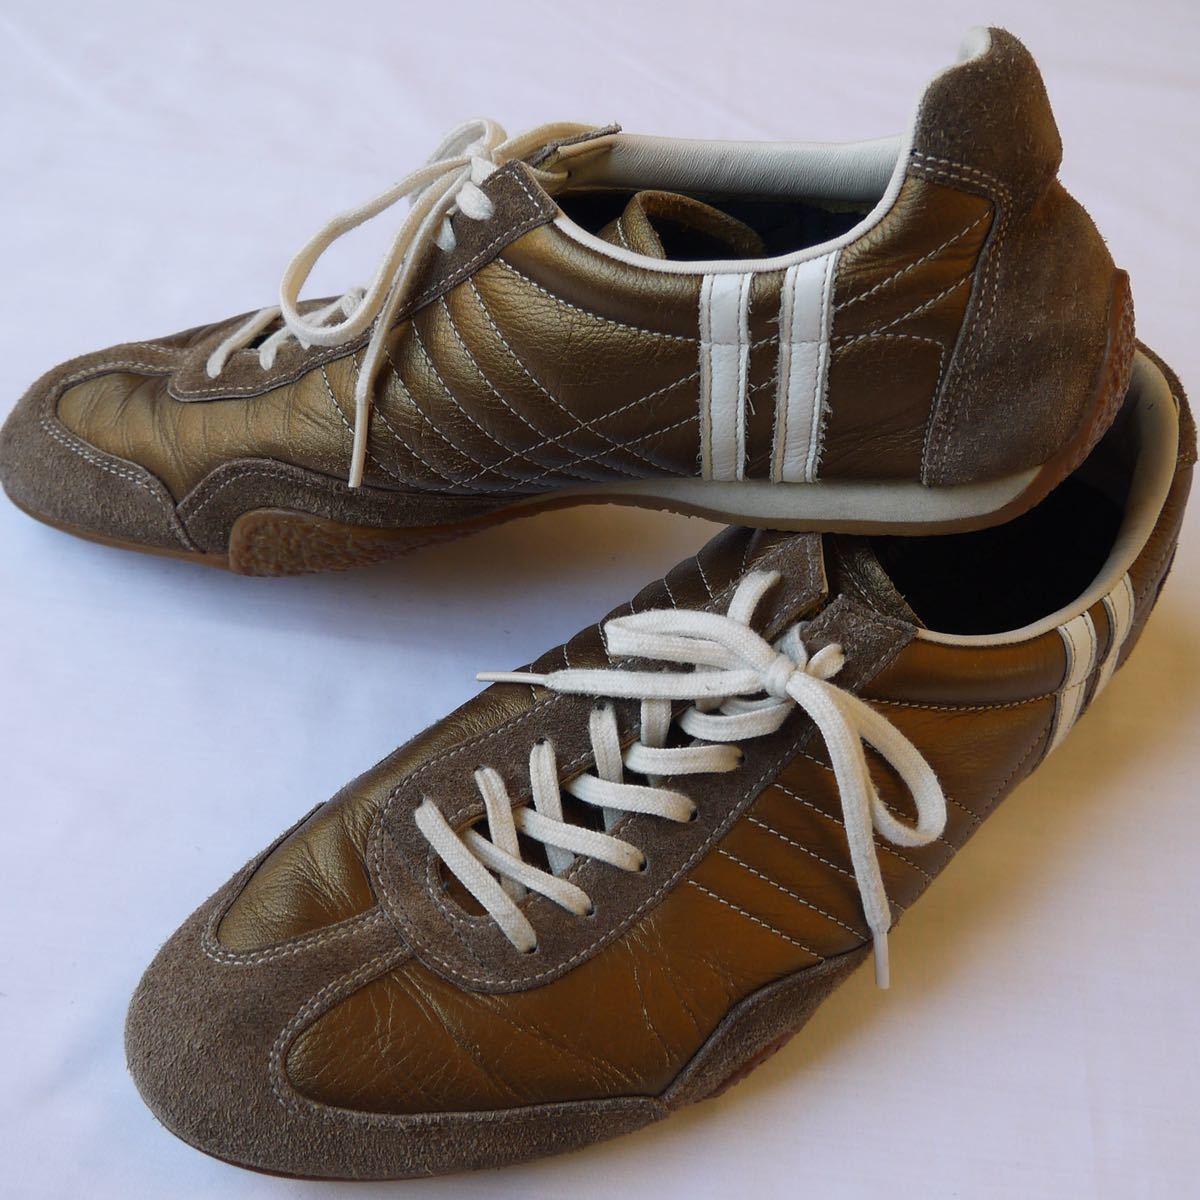 美品◆パトリックジェット44レザースエードスニーカー27.5cmメンズ靴ブロンズ